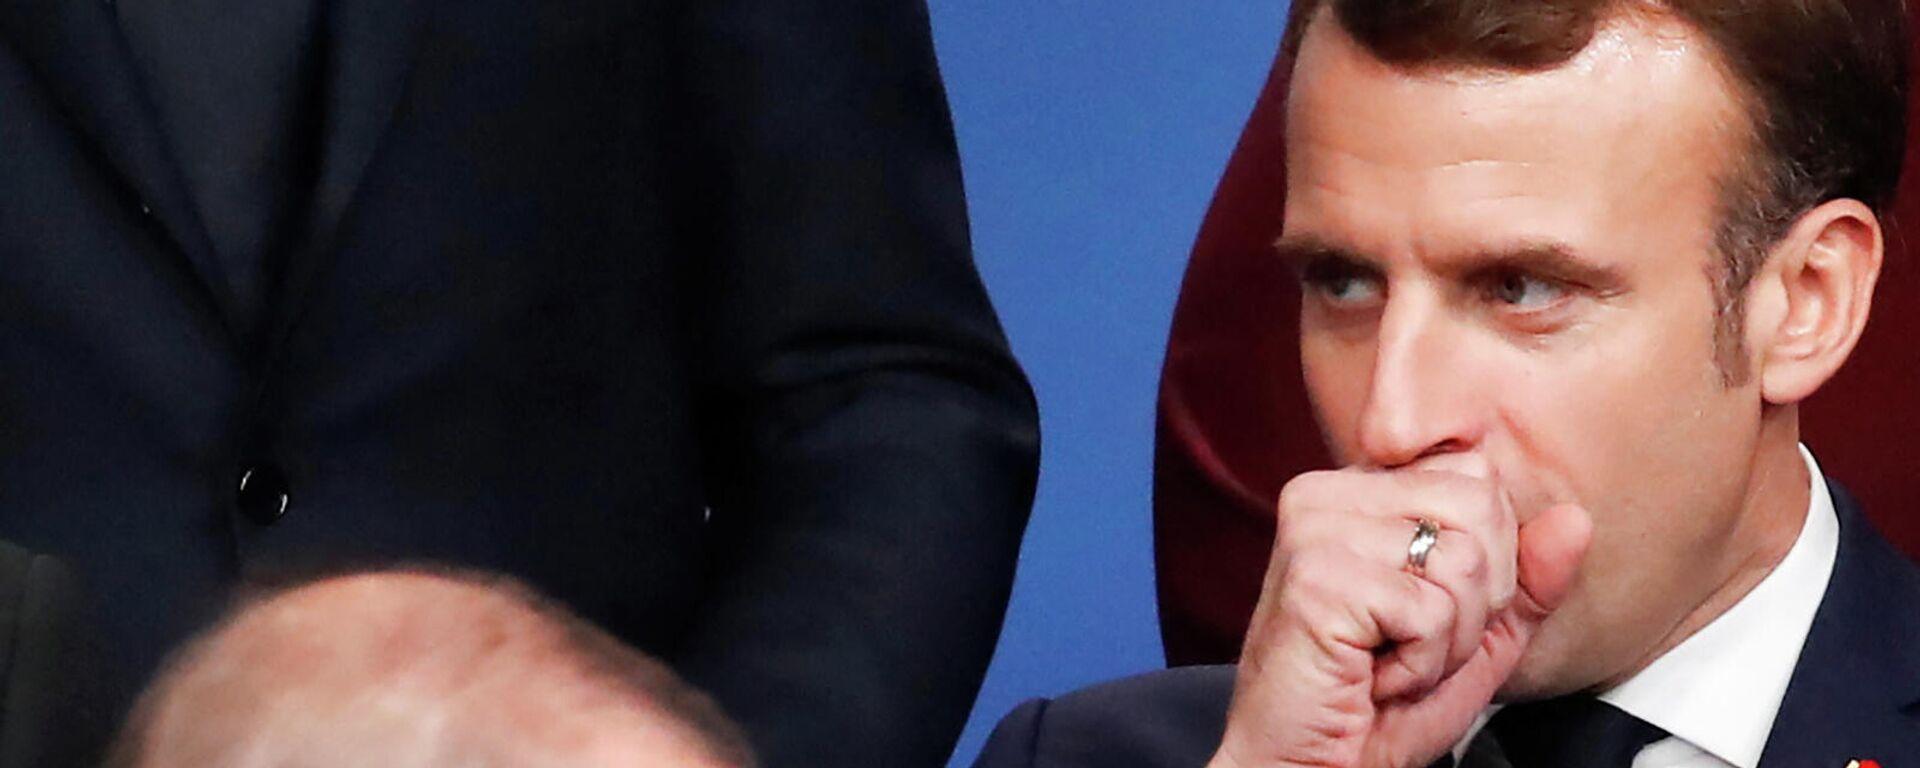 Президенты Турции и Франции Реджеп Тайип Эрдоган и Эммануэль Макрон на саммите НАТО в отеле Grove в Уотфорде (4 декабря 2019). Англия - Sputnik Армения, 1920, 28.09.2021